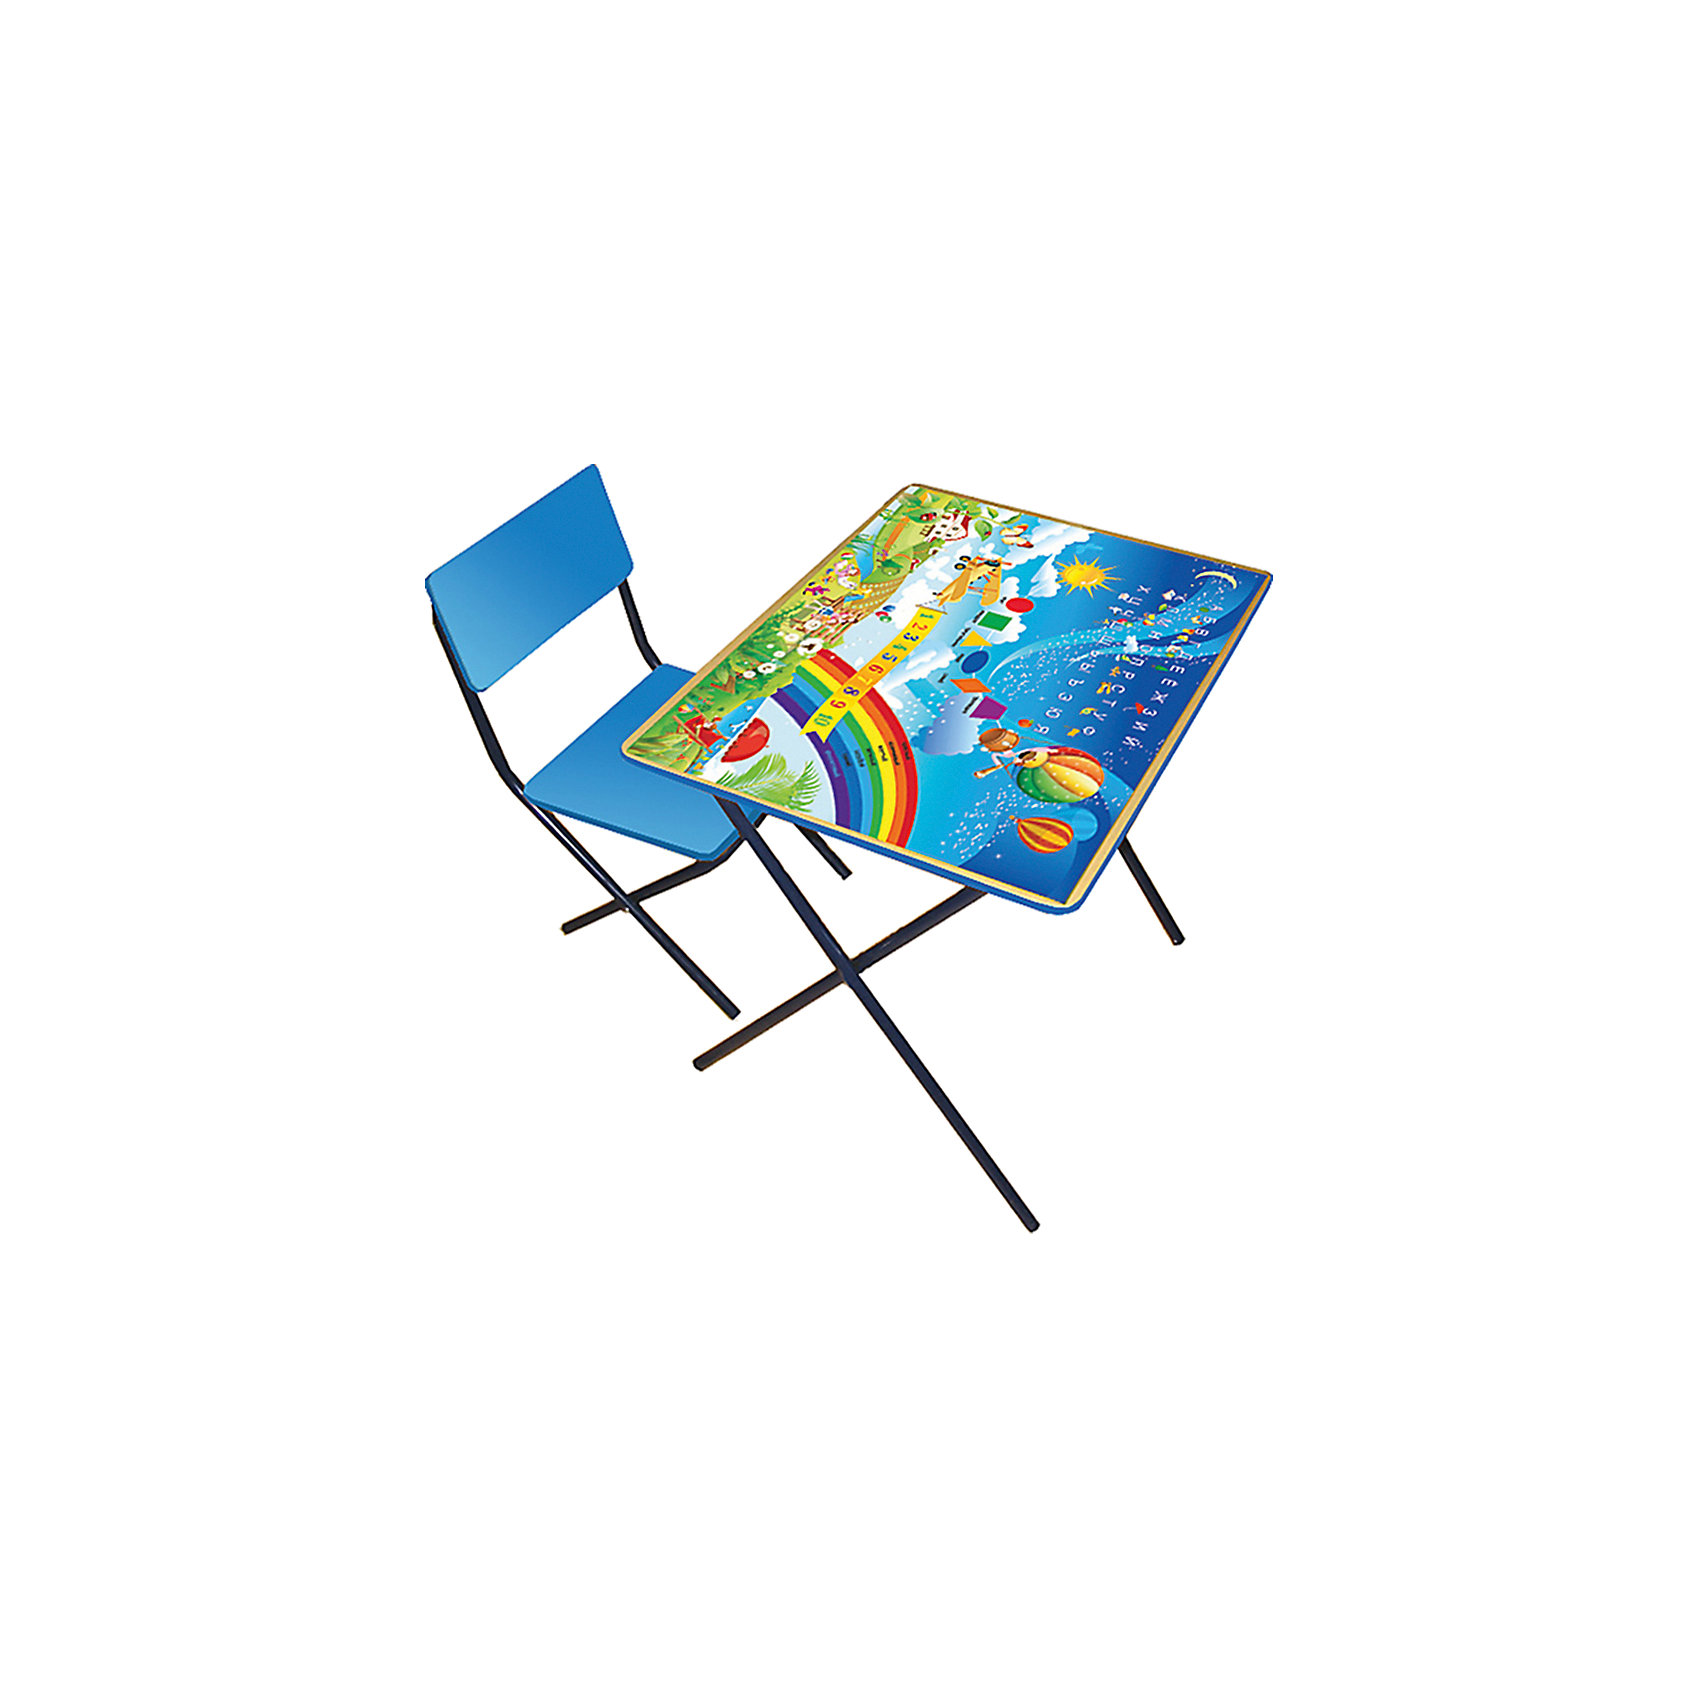 Комплект детской мебели Алфавит и цифры, ФеяКаждый ребенок нуждается в удобной, специальной мебели, чтобы его организм мог развиваться правильно. Такая мебель может быть еще и яркой, а также выполнять обучающую функцию.<br>Набор детской складной мебели Алфавит и цифры - это универсальный комплект необходимых предметов для малыша. Он состоит из стула и стола, выполненных в ярких цветах. Столешница позволяет разместить на ней все необходимые предметы: можно есть, играть или учиться! На ней расположены обучающие рисунки. Разработан набор в соответствии с рекомендациями врачей-ортопедов. Сделан из безопасных для ребенка материалов.<br><br>Дополнительная информация:<br><br>цвет: разноцветный;<br>материал: ЛДСП, металл, пластик;<br>просторная столешница;<br>оригинальный яркий дизайн;<br>обучающие изображения на столешнице;<br>легко моется;<br>соответствует рекомендациям ортопедов;<br>размер стола: 60 х 45 х 46 см;<br>размер стула: 35 х 27 х 49 см.<br><br>Комплект детской мебели Алфавит и цифры от компании Фея можно купить в нашем магазине.<br><br>Ширина мм: 560<br>Глубина мм: 650<br>Высота мм: 300<br>Вес г: 3000<br>Возраст от месяцев: 24<br>Возраст до месяцев: 60<br>Пол: Унисекс<br>Возраст: Детский<br>SKU: 4778486